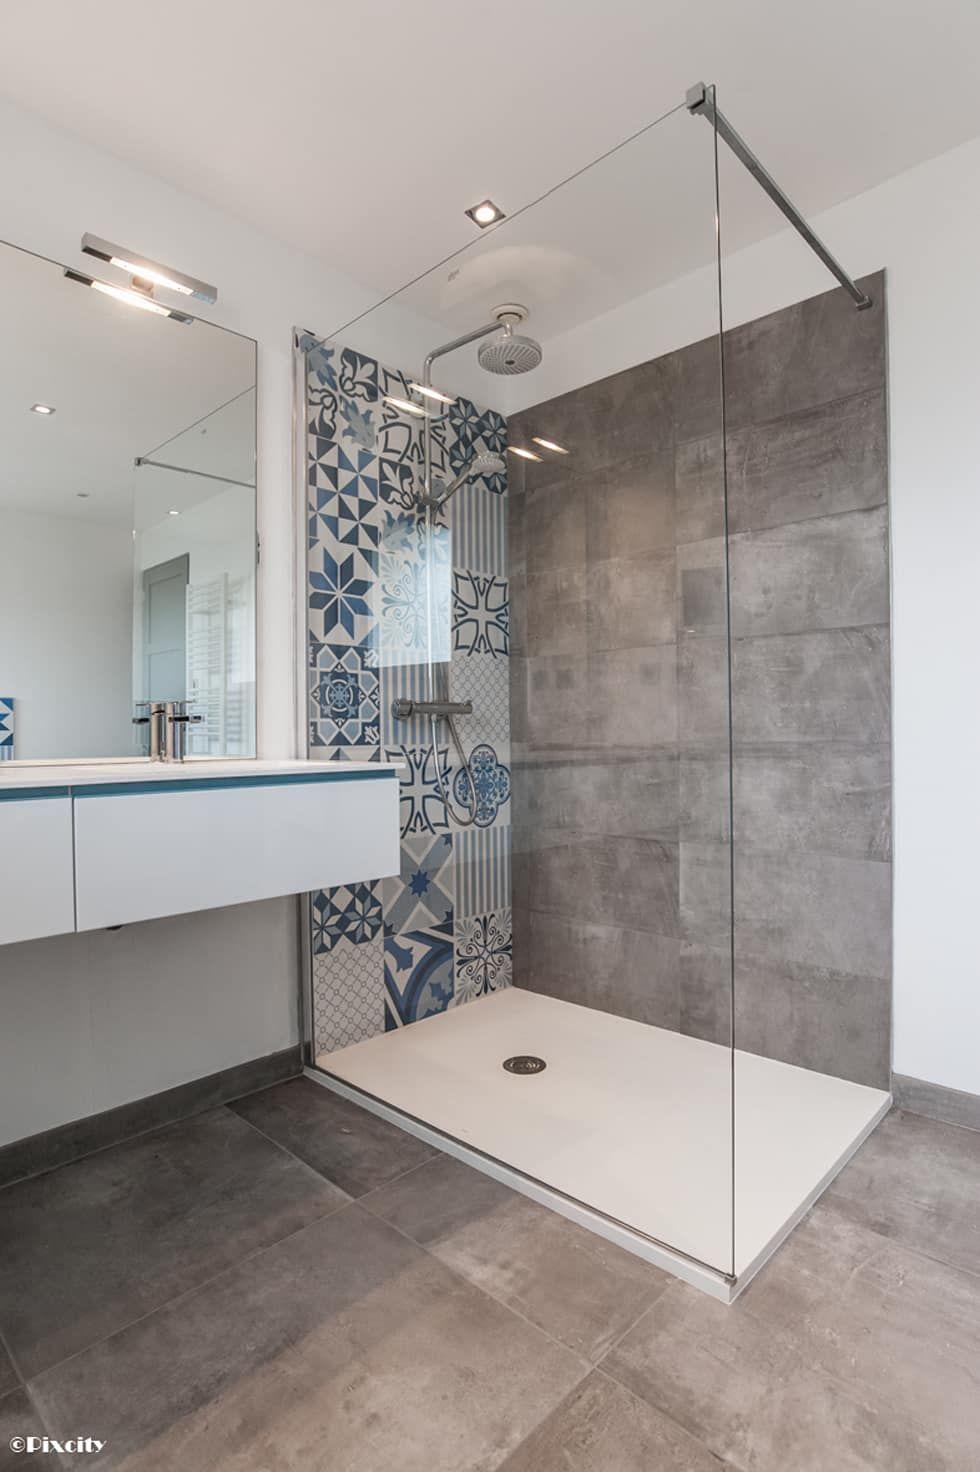 Salle de bains et carreaux ciment bleus par pixcity